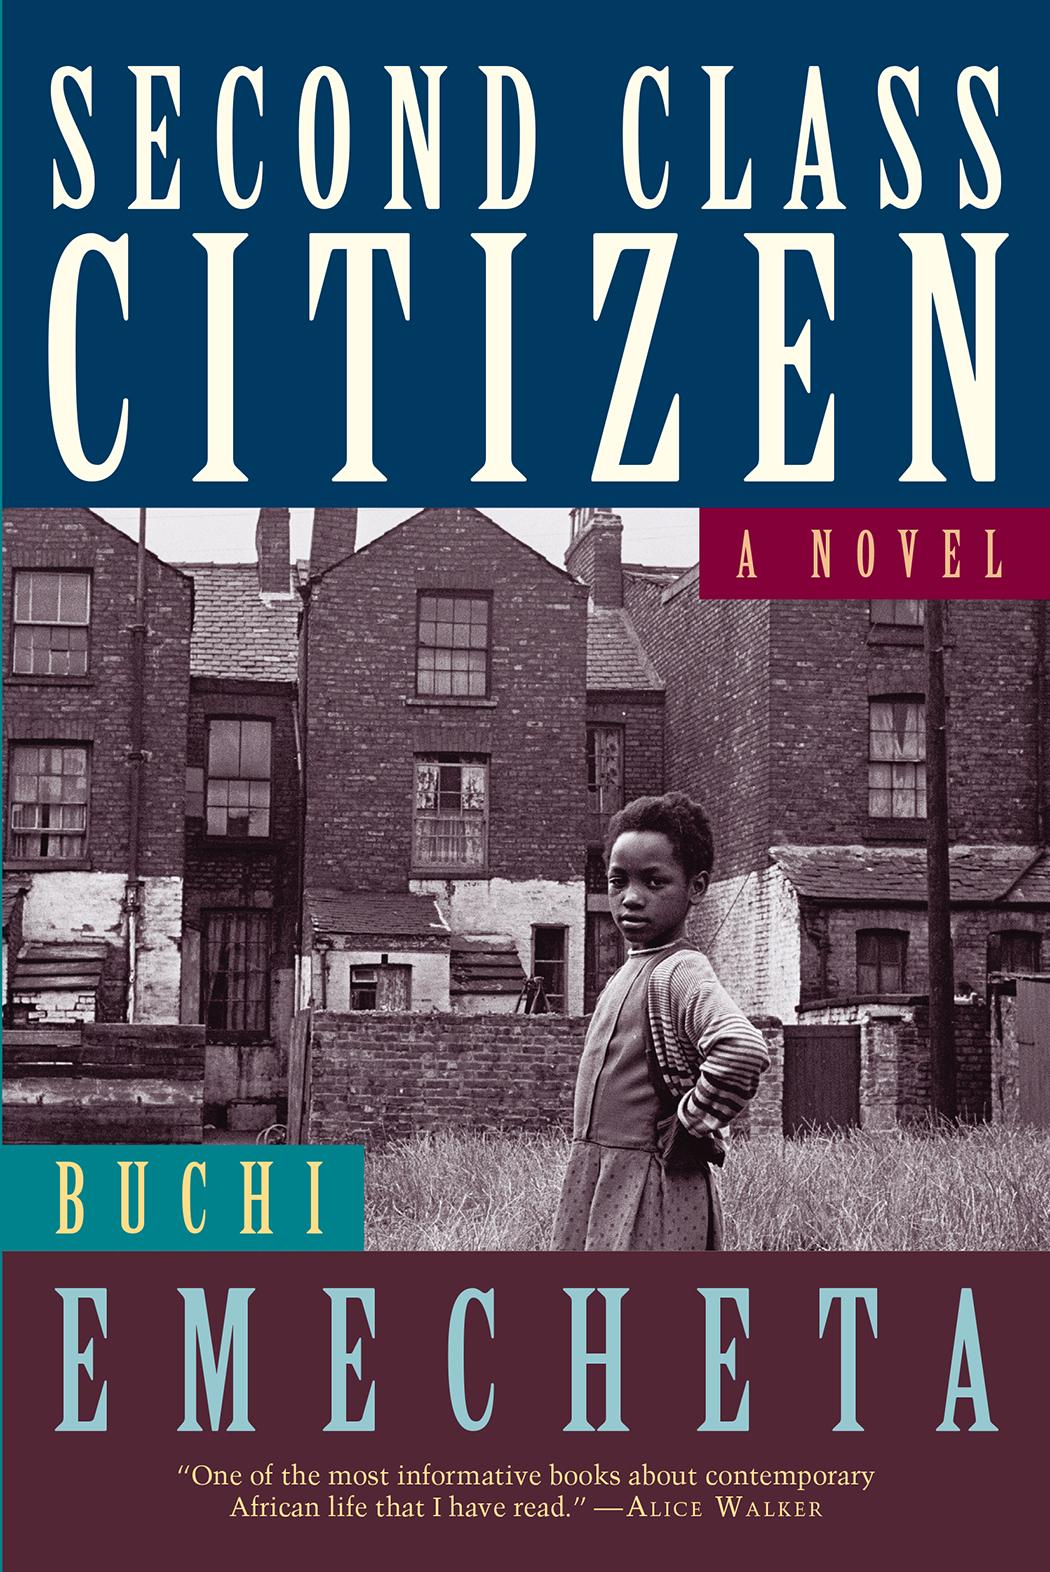 Second Class Citizen.jpg